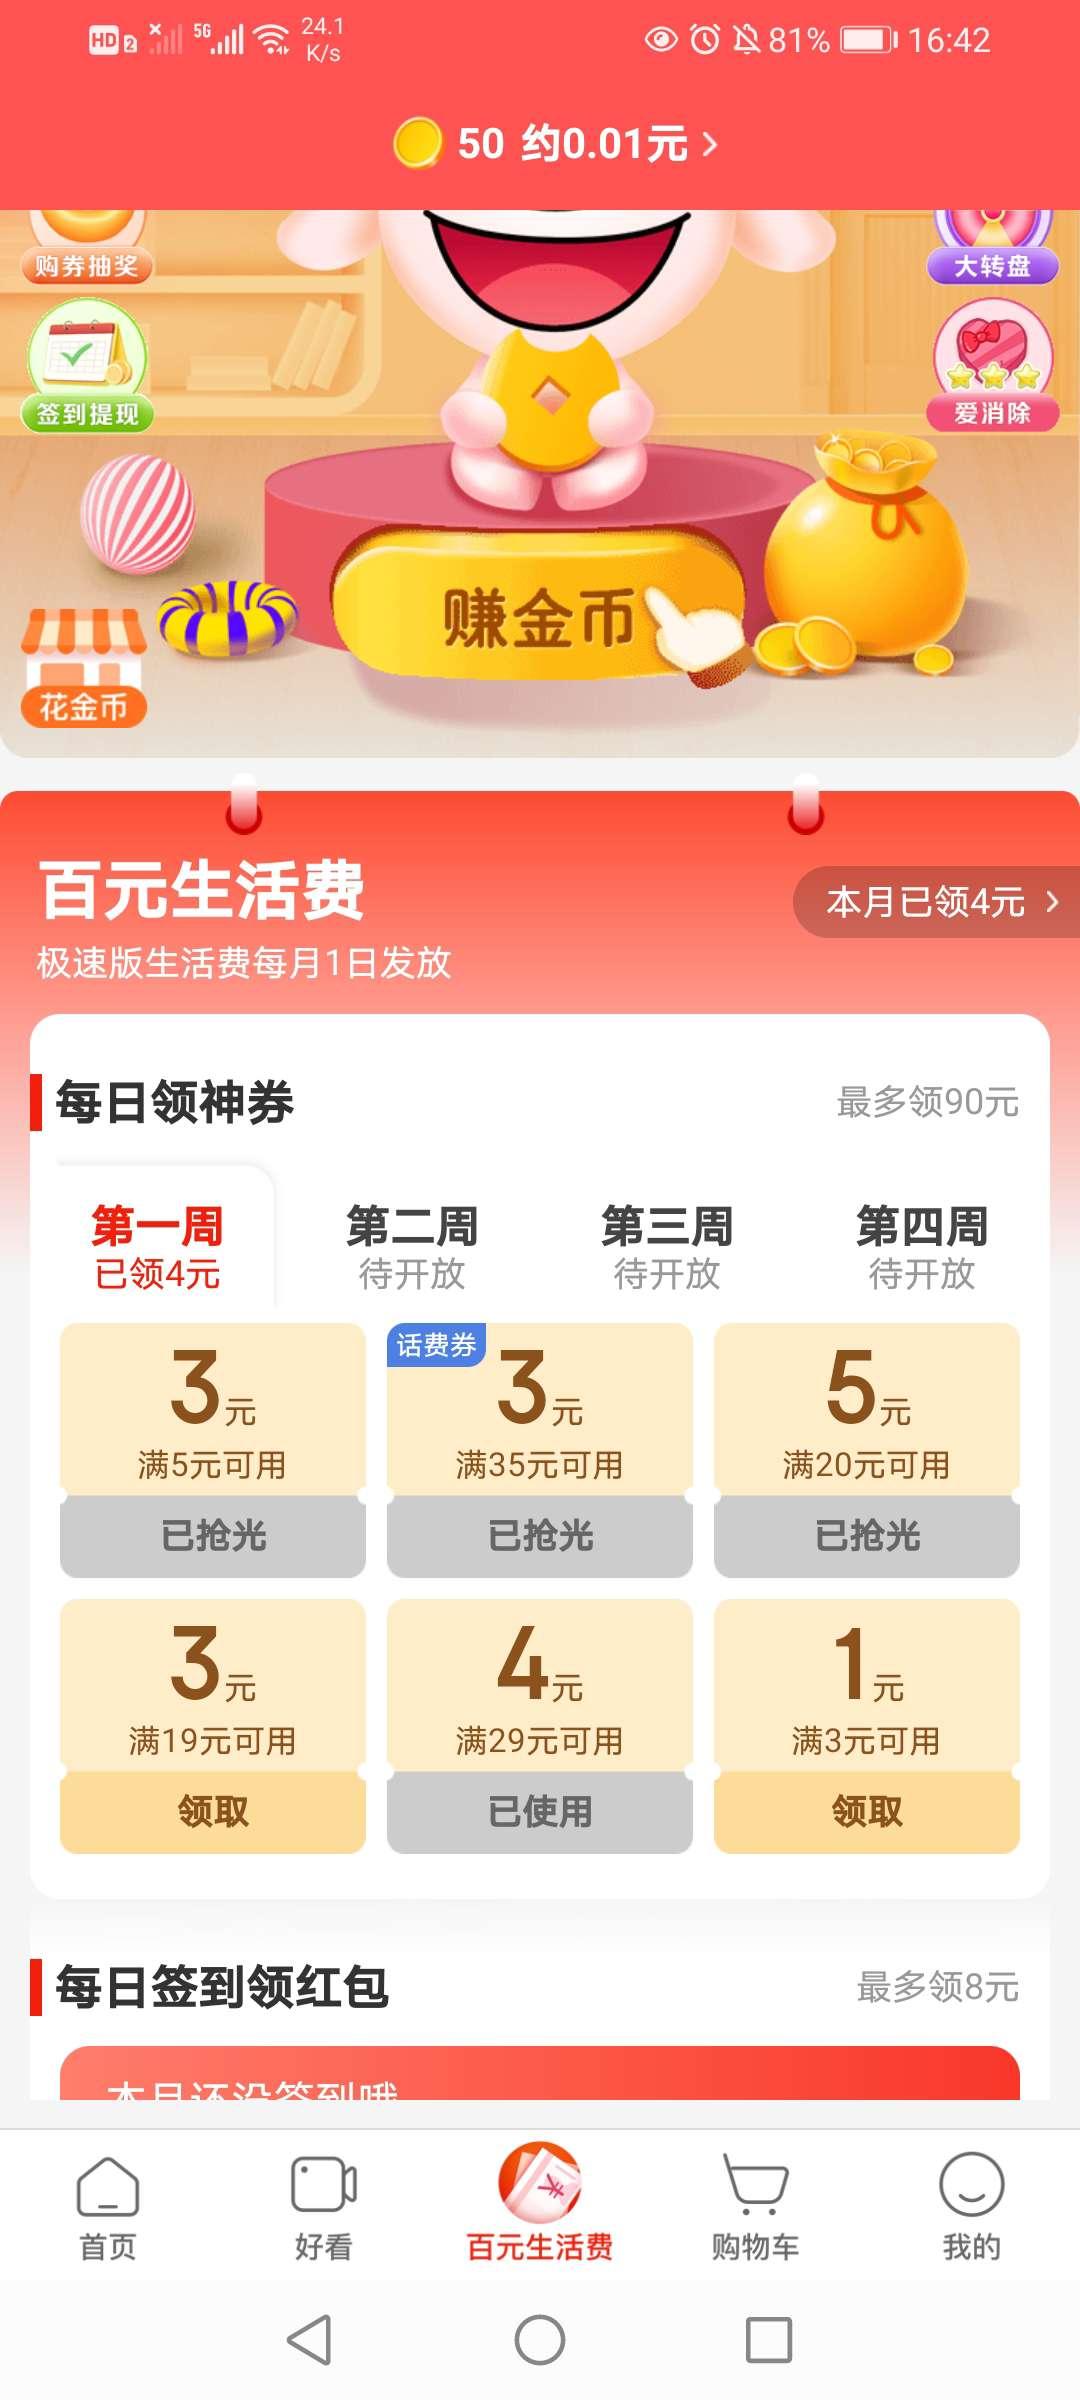 【实物专区】京东极速版0.01撸薯片一袋